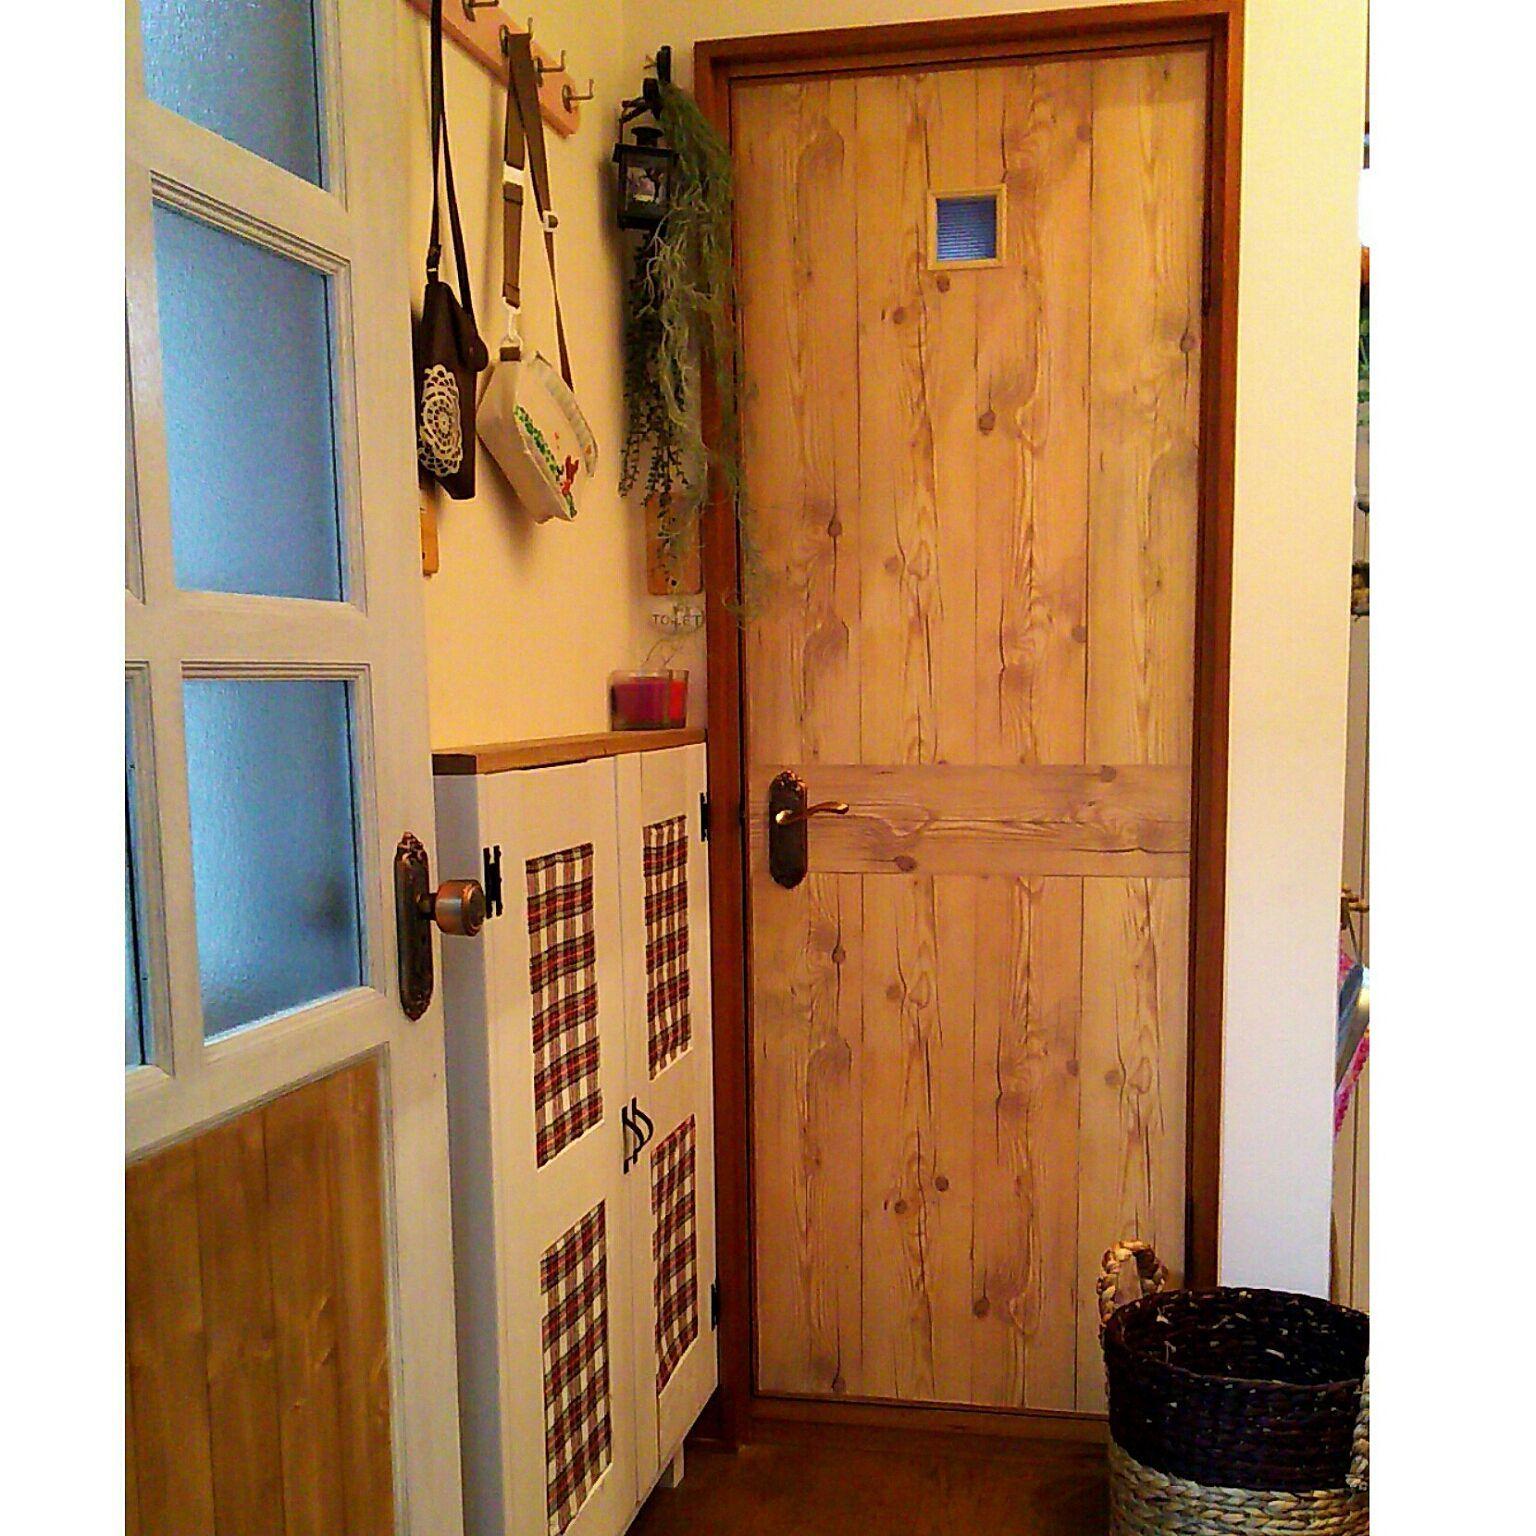 玄関 入り口 築30年の戸建て トイレのドア 壁紙シート キャンドゥ などのインテリア実例 17 09 07 17 28 34 Roomclip ルームクリップ ドア キャンドゥ インテリア 実例